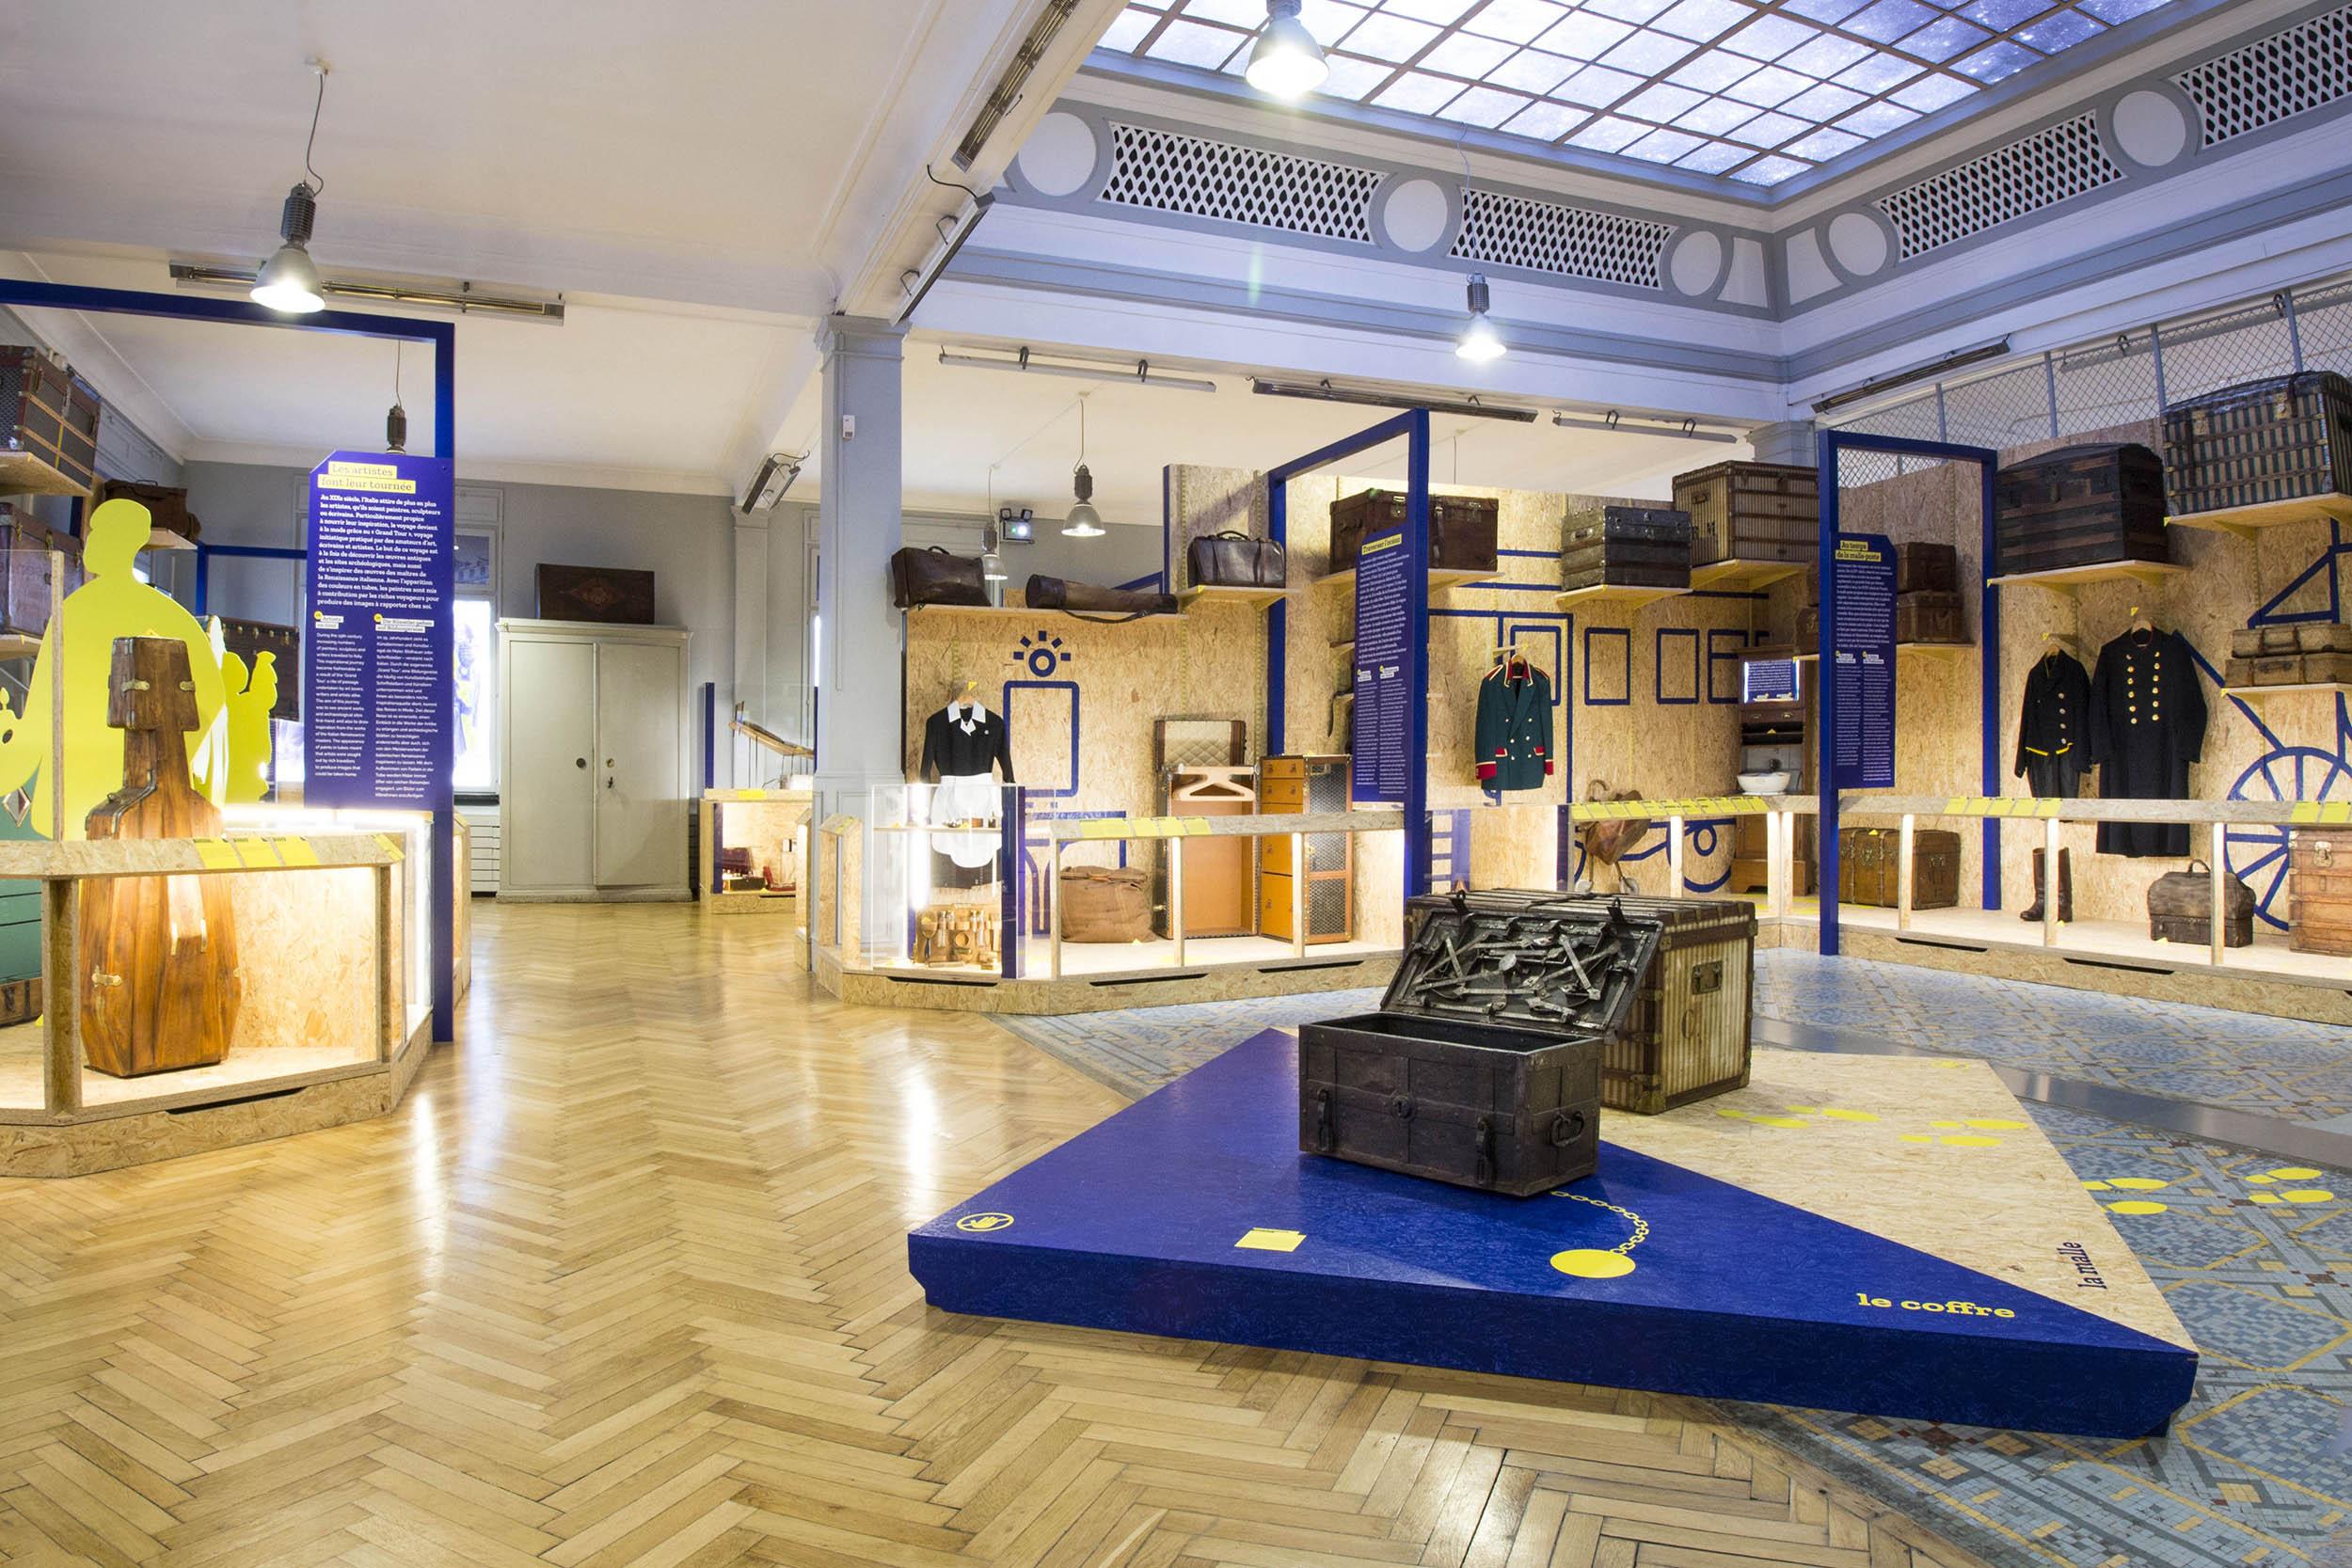 Musée du Bagage de Haguenau